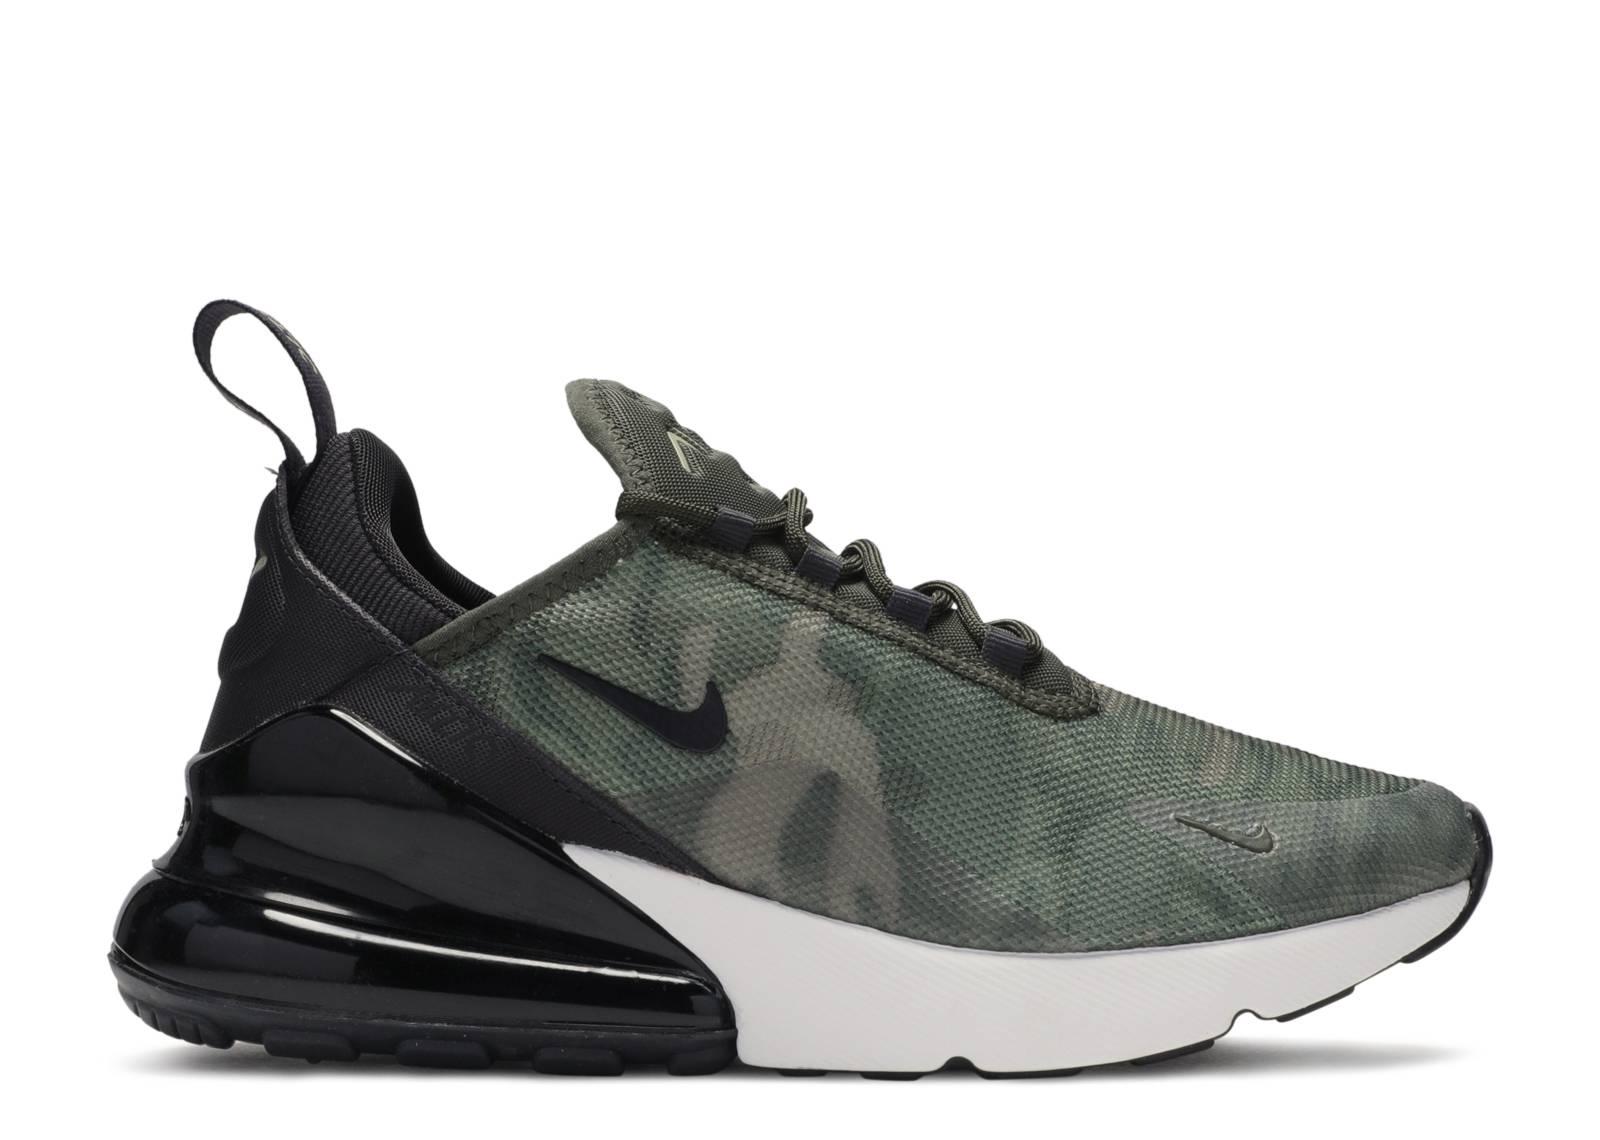 Nike Wmns Air Max 270 'Green Camo'